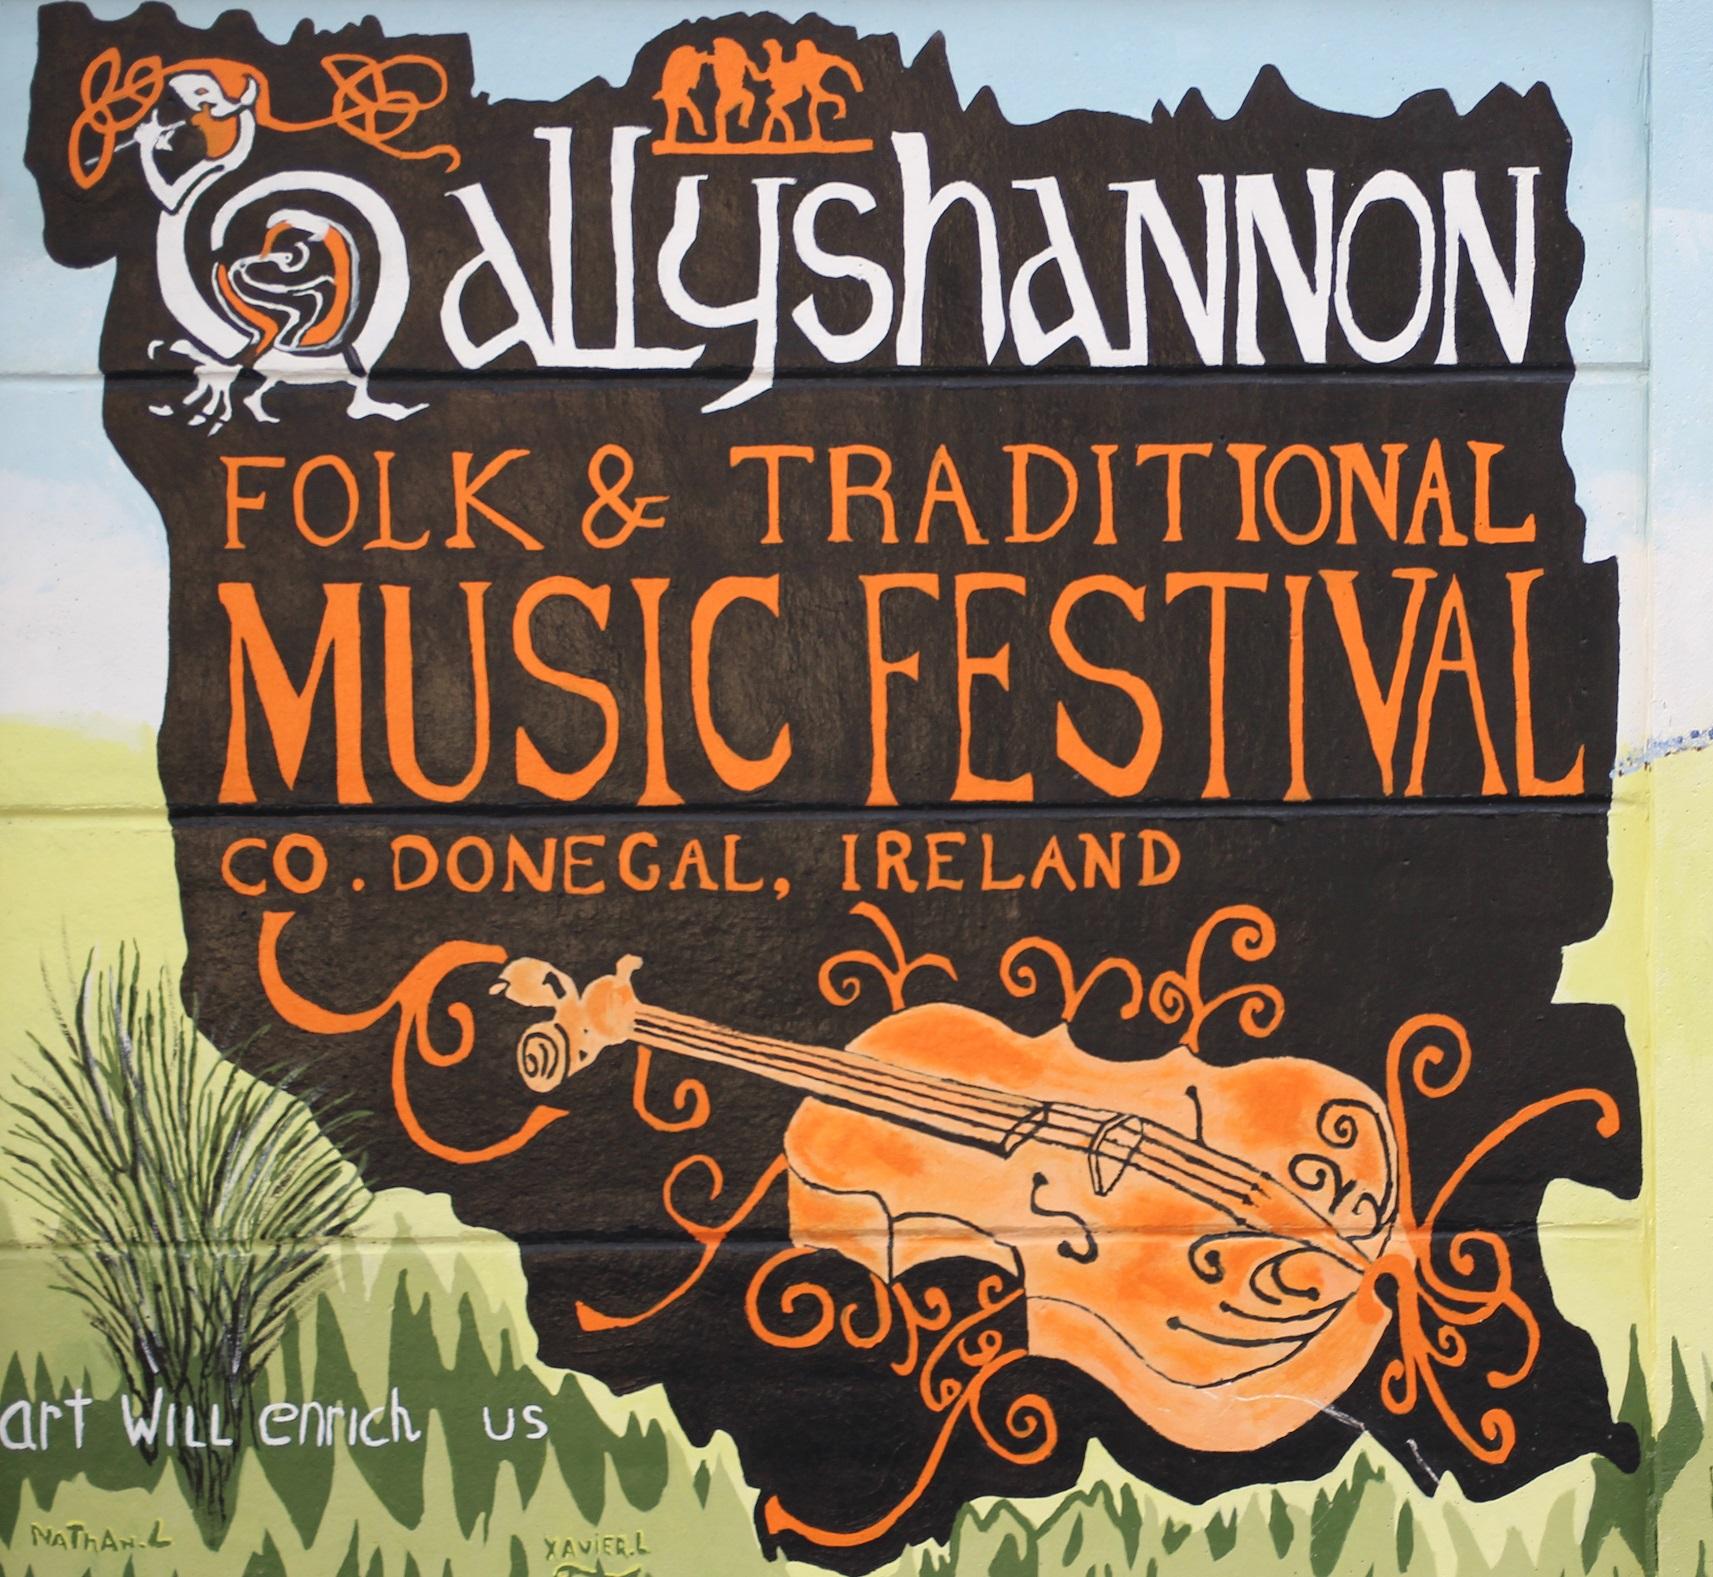 Festival ballyshannon